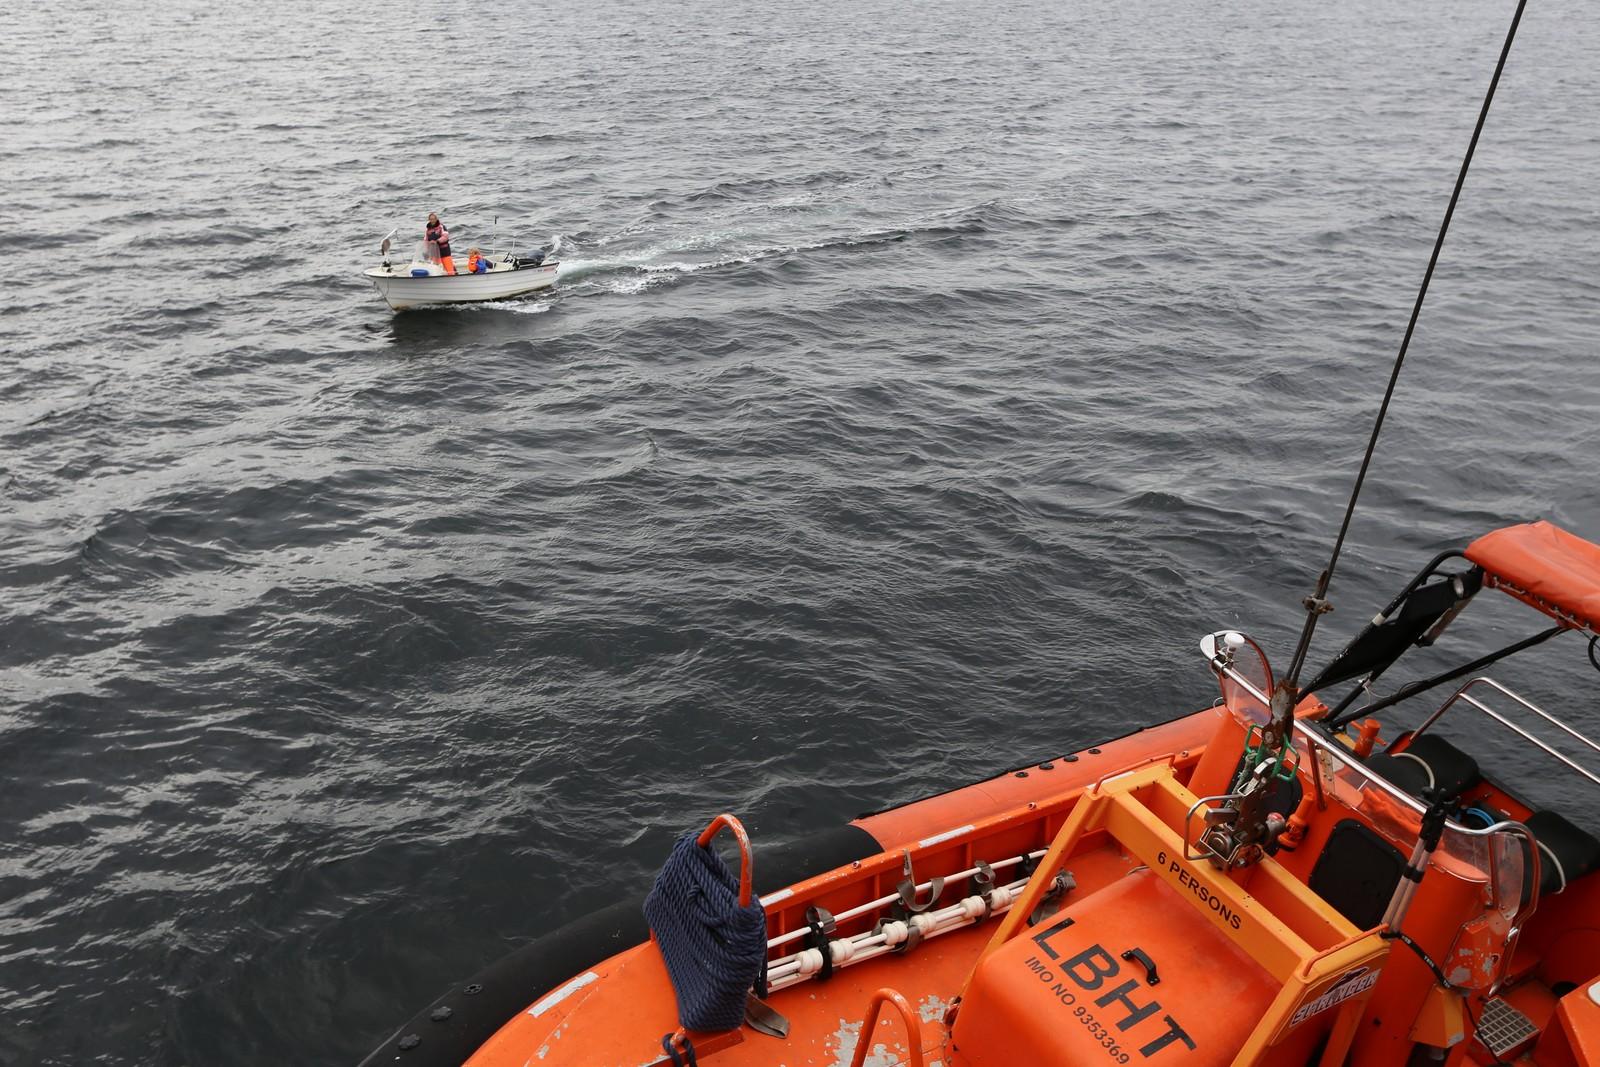 PÅ BESØK: Kystvaktfartøyet blir jevnlig kontaktet av privatpersoner, båtfolk og fiskere som har ulike spørsmål og innspill. Her er det en hummerfisker som kommer bort i småbåt for en liten passiar.